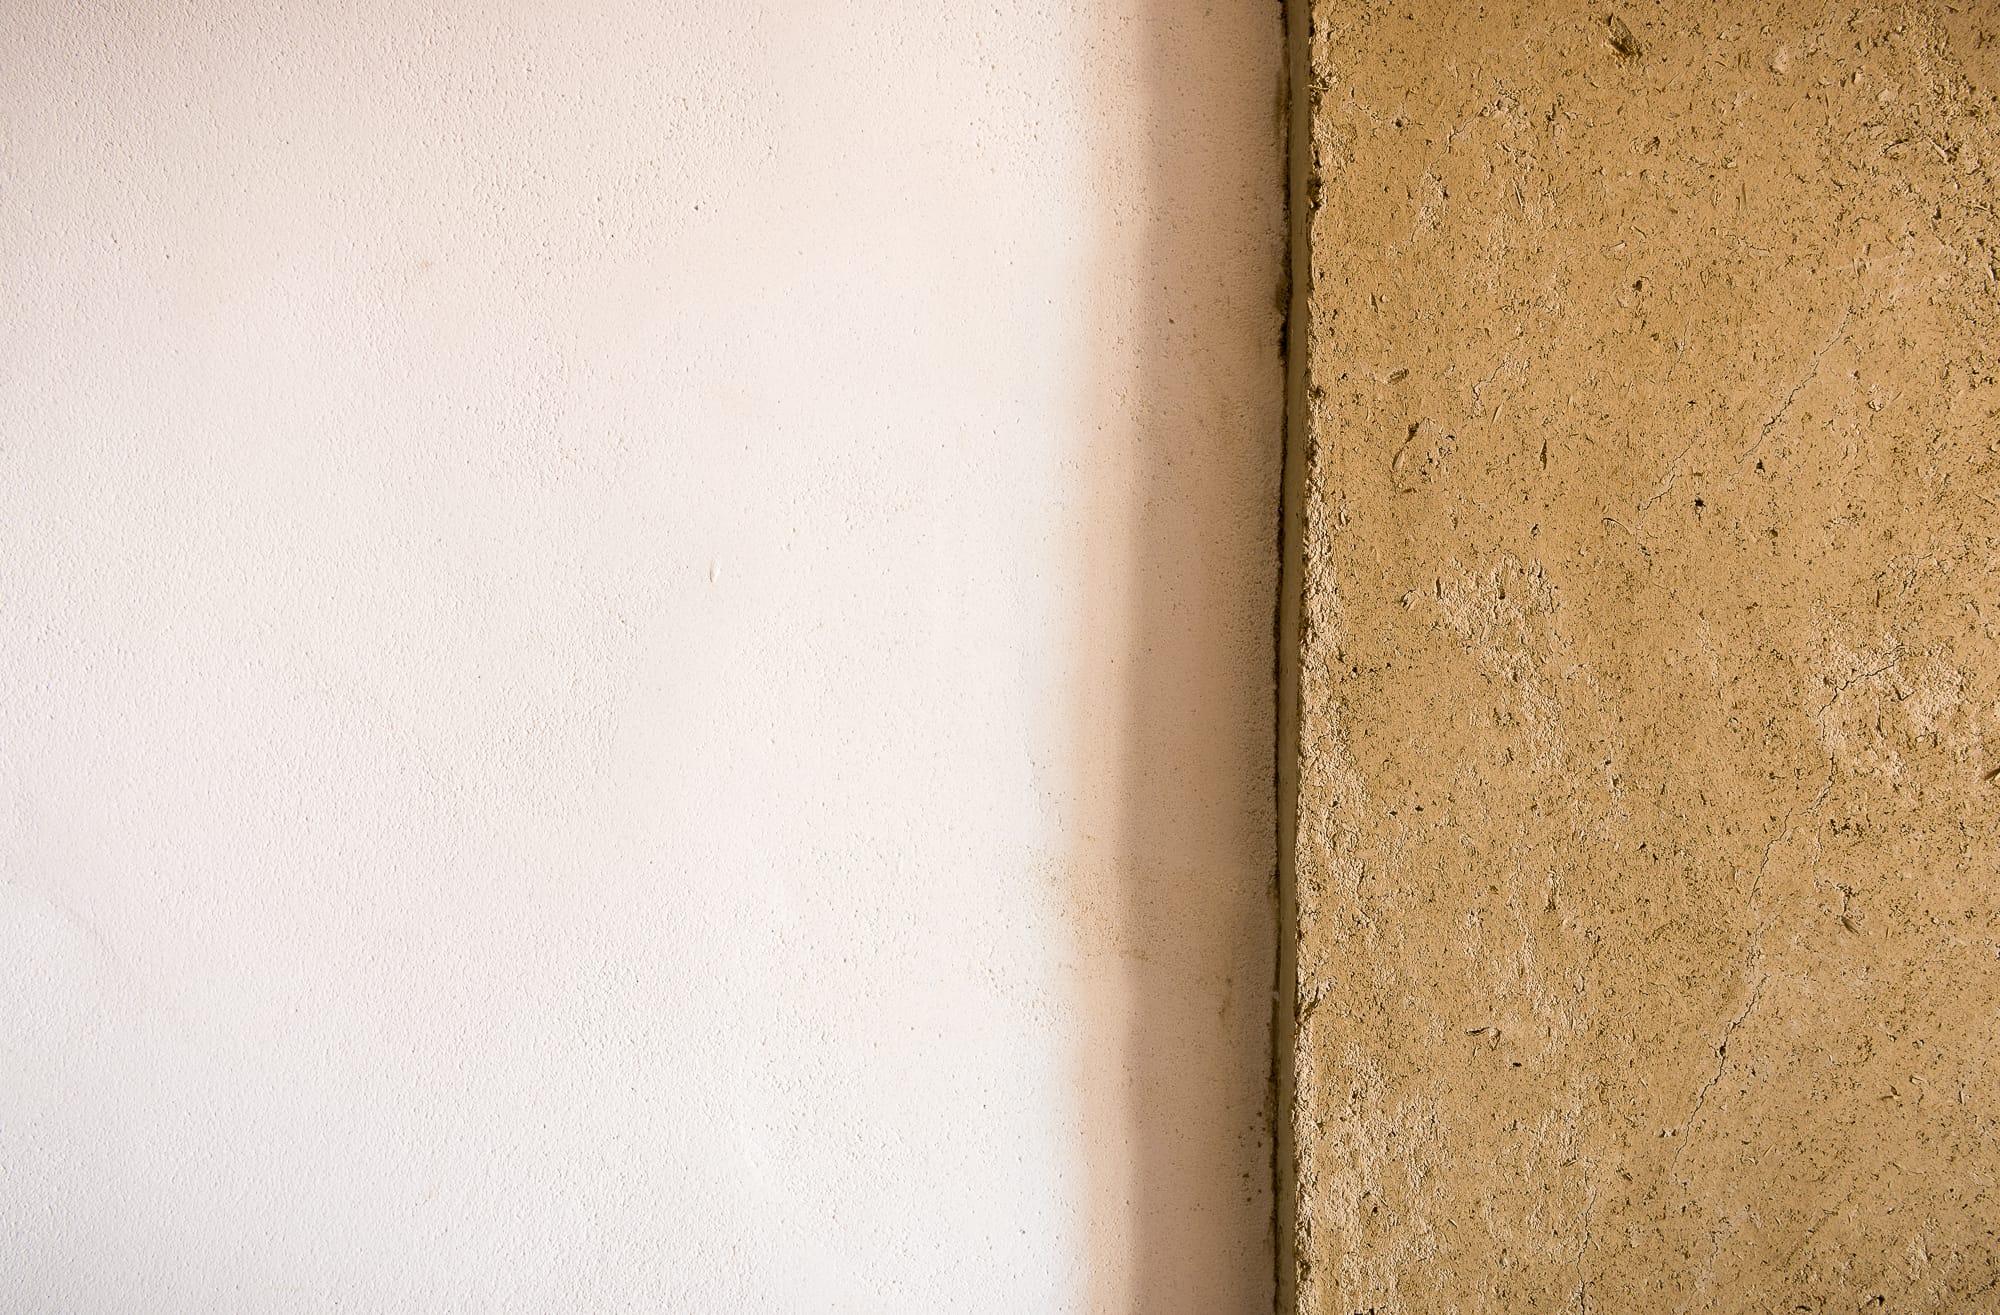 04__NVR2790 REFORMA VIVIENDA UNIFAMILIAR-XAVIER SALVADOR ARQUITECTO-EFEOCHO FOTOGRAFIA DE ARQUITECTURA